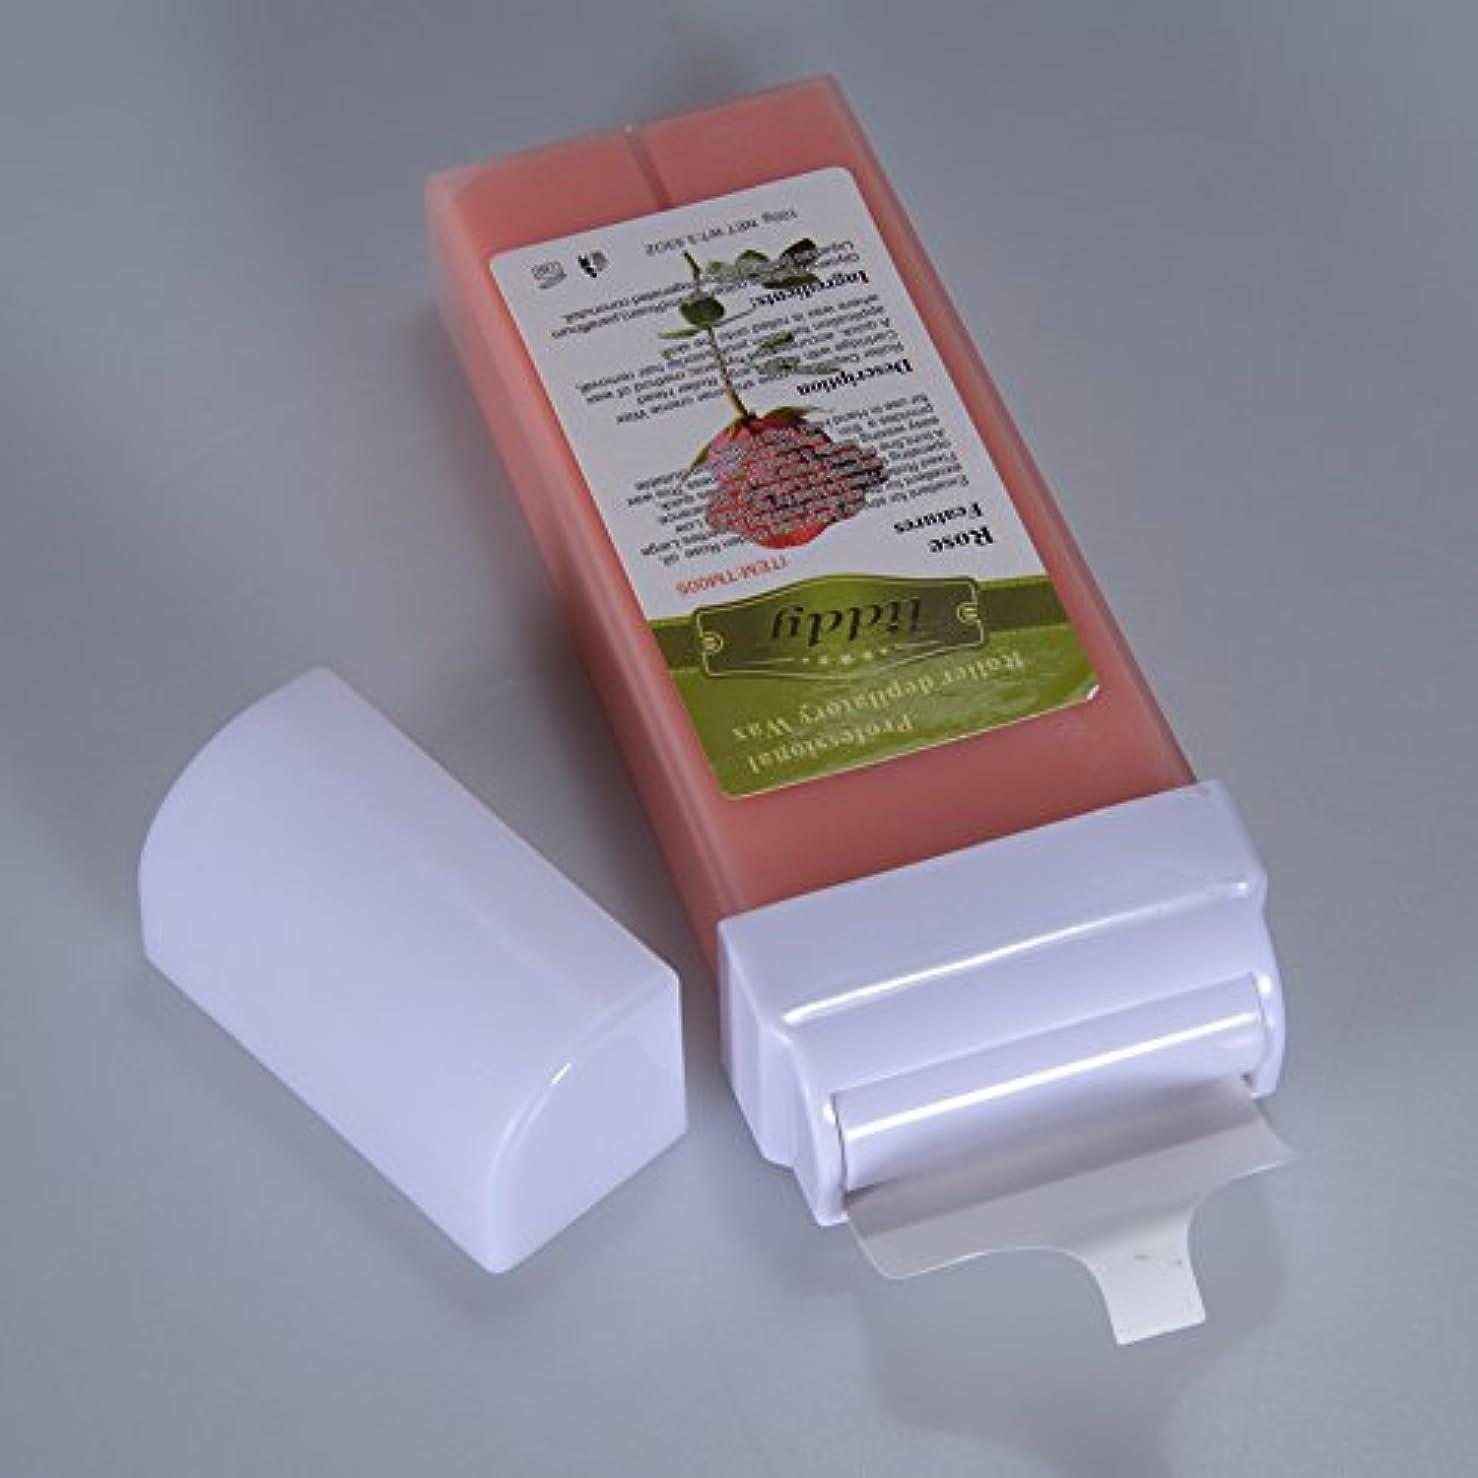 移民ラボ成熟したRabugoo 脱毛プロフェッショナル使用水溶性脱毛砂糖ワックスカートリッジワックスグッドスメル - 100g / 3.53oz 100g rose